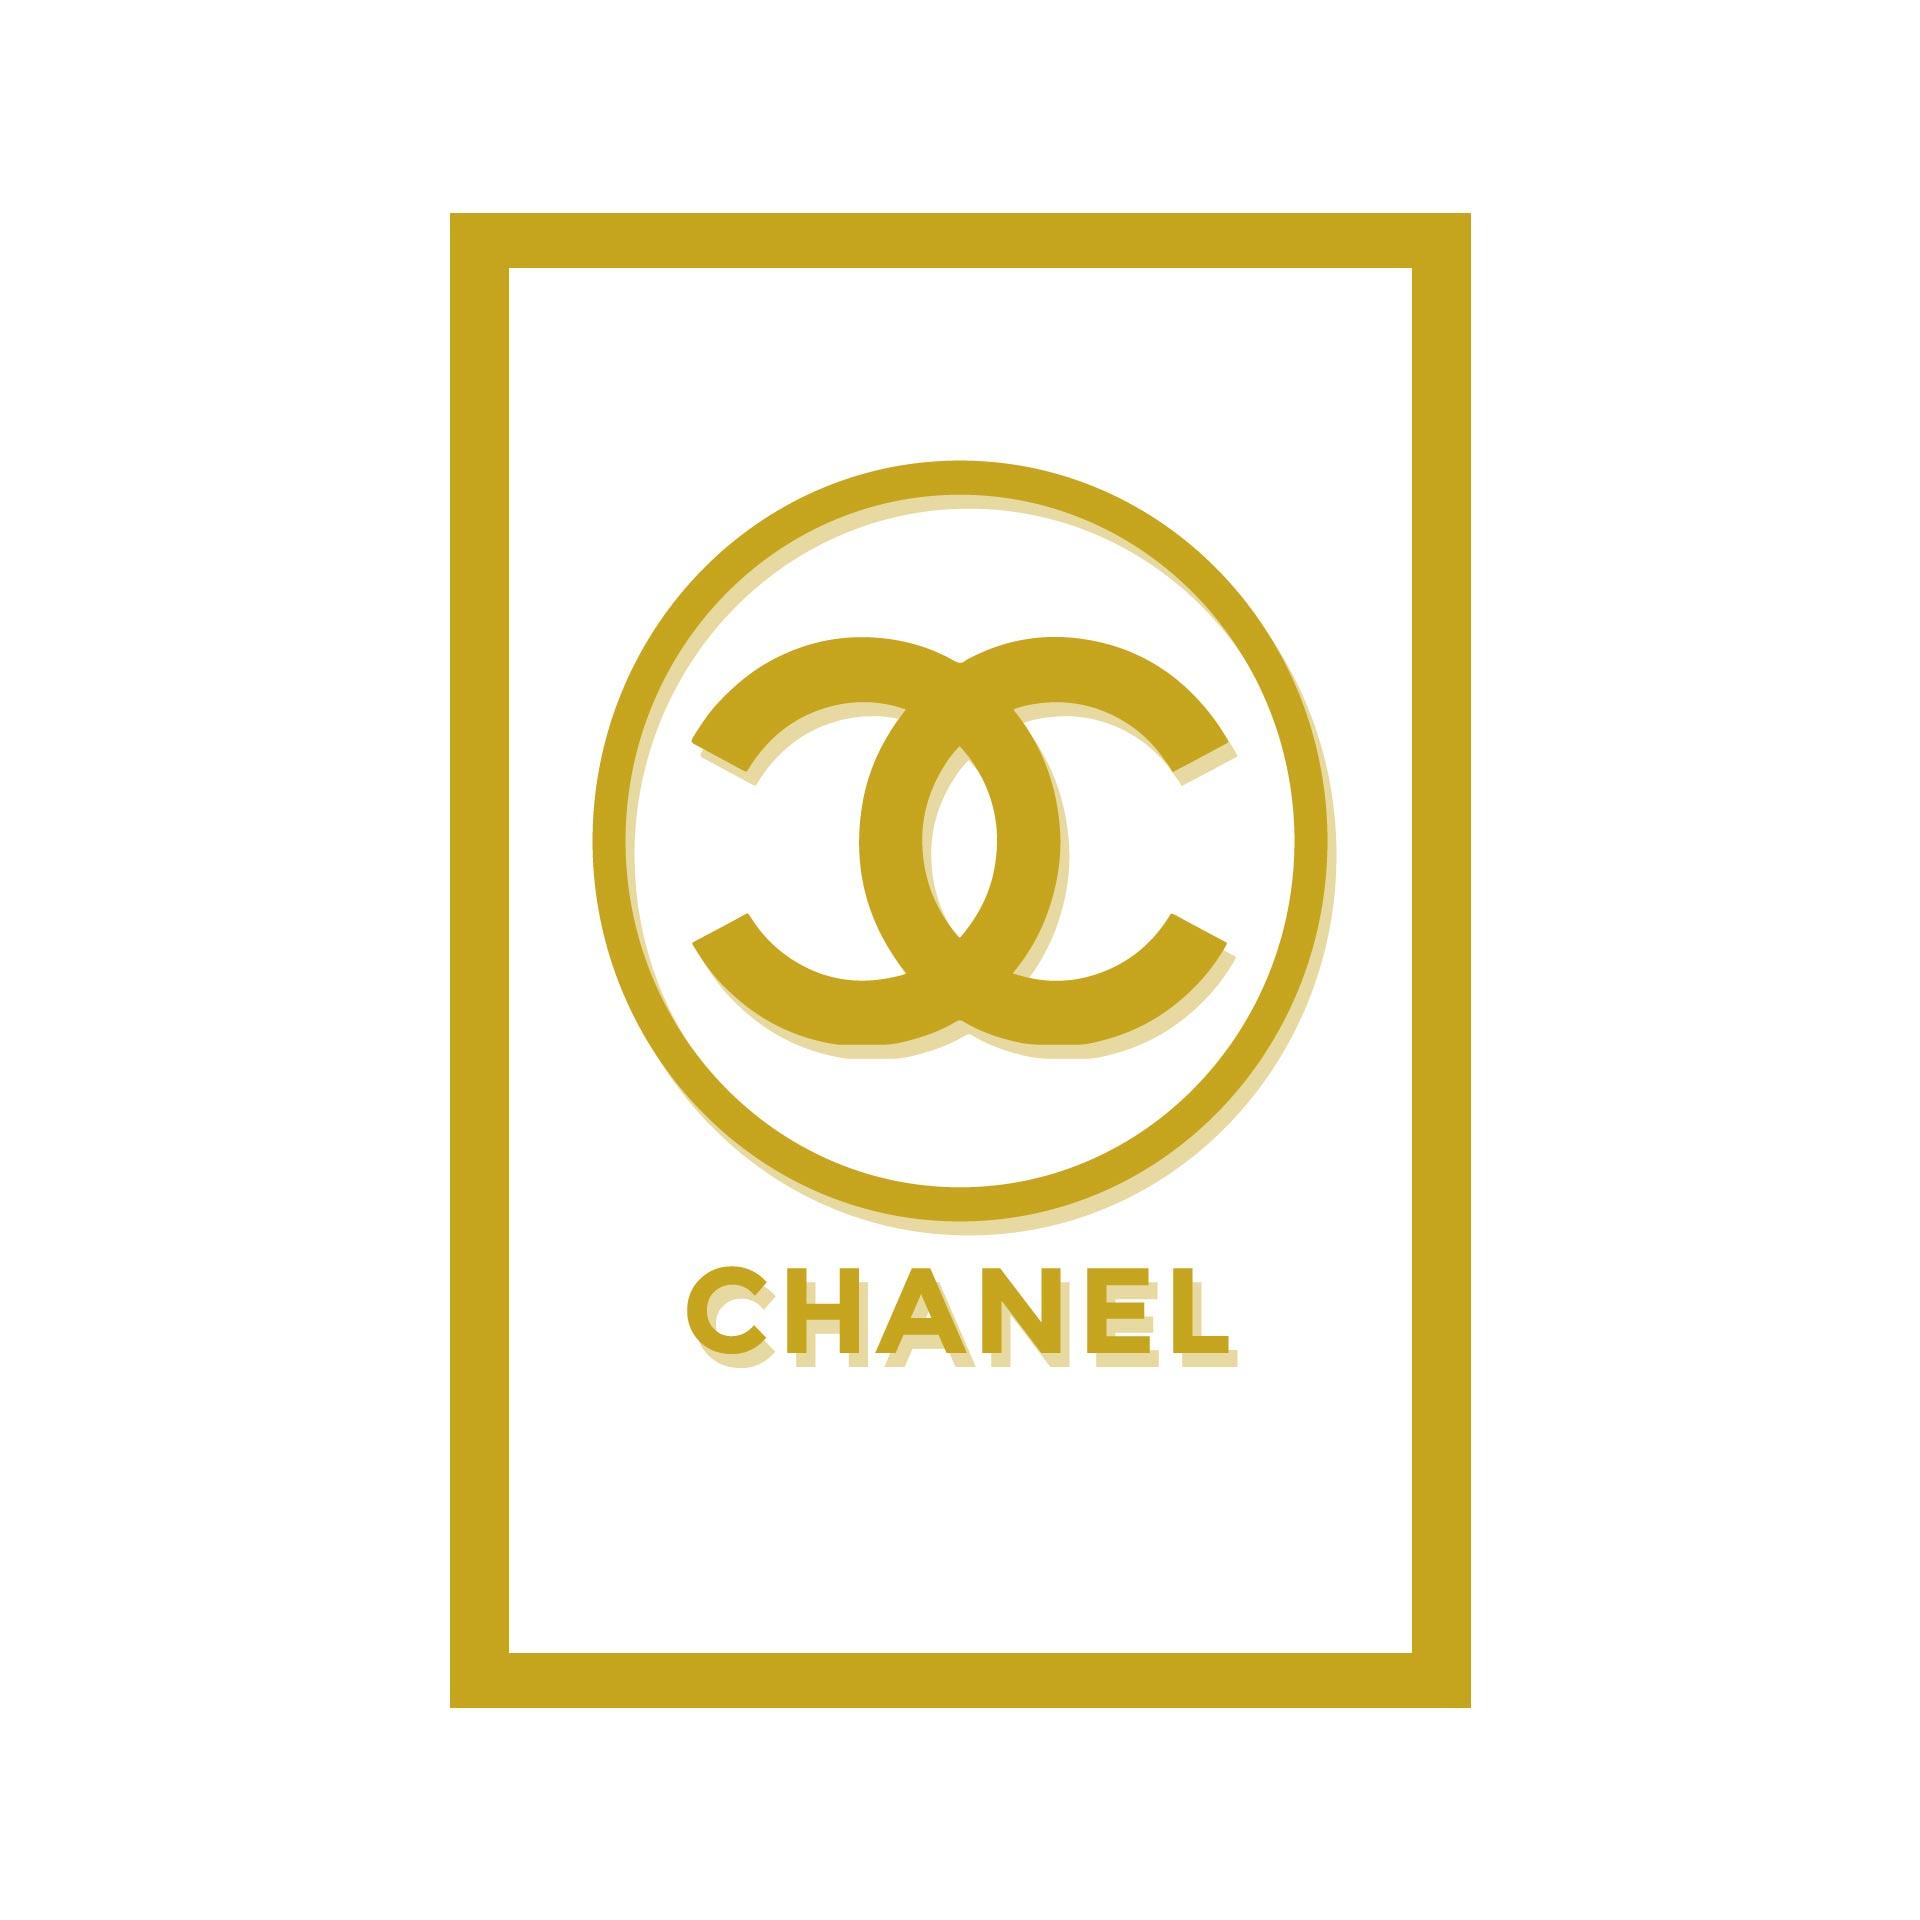 Chanel Wall Art Printable Free